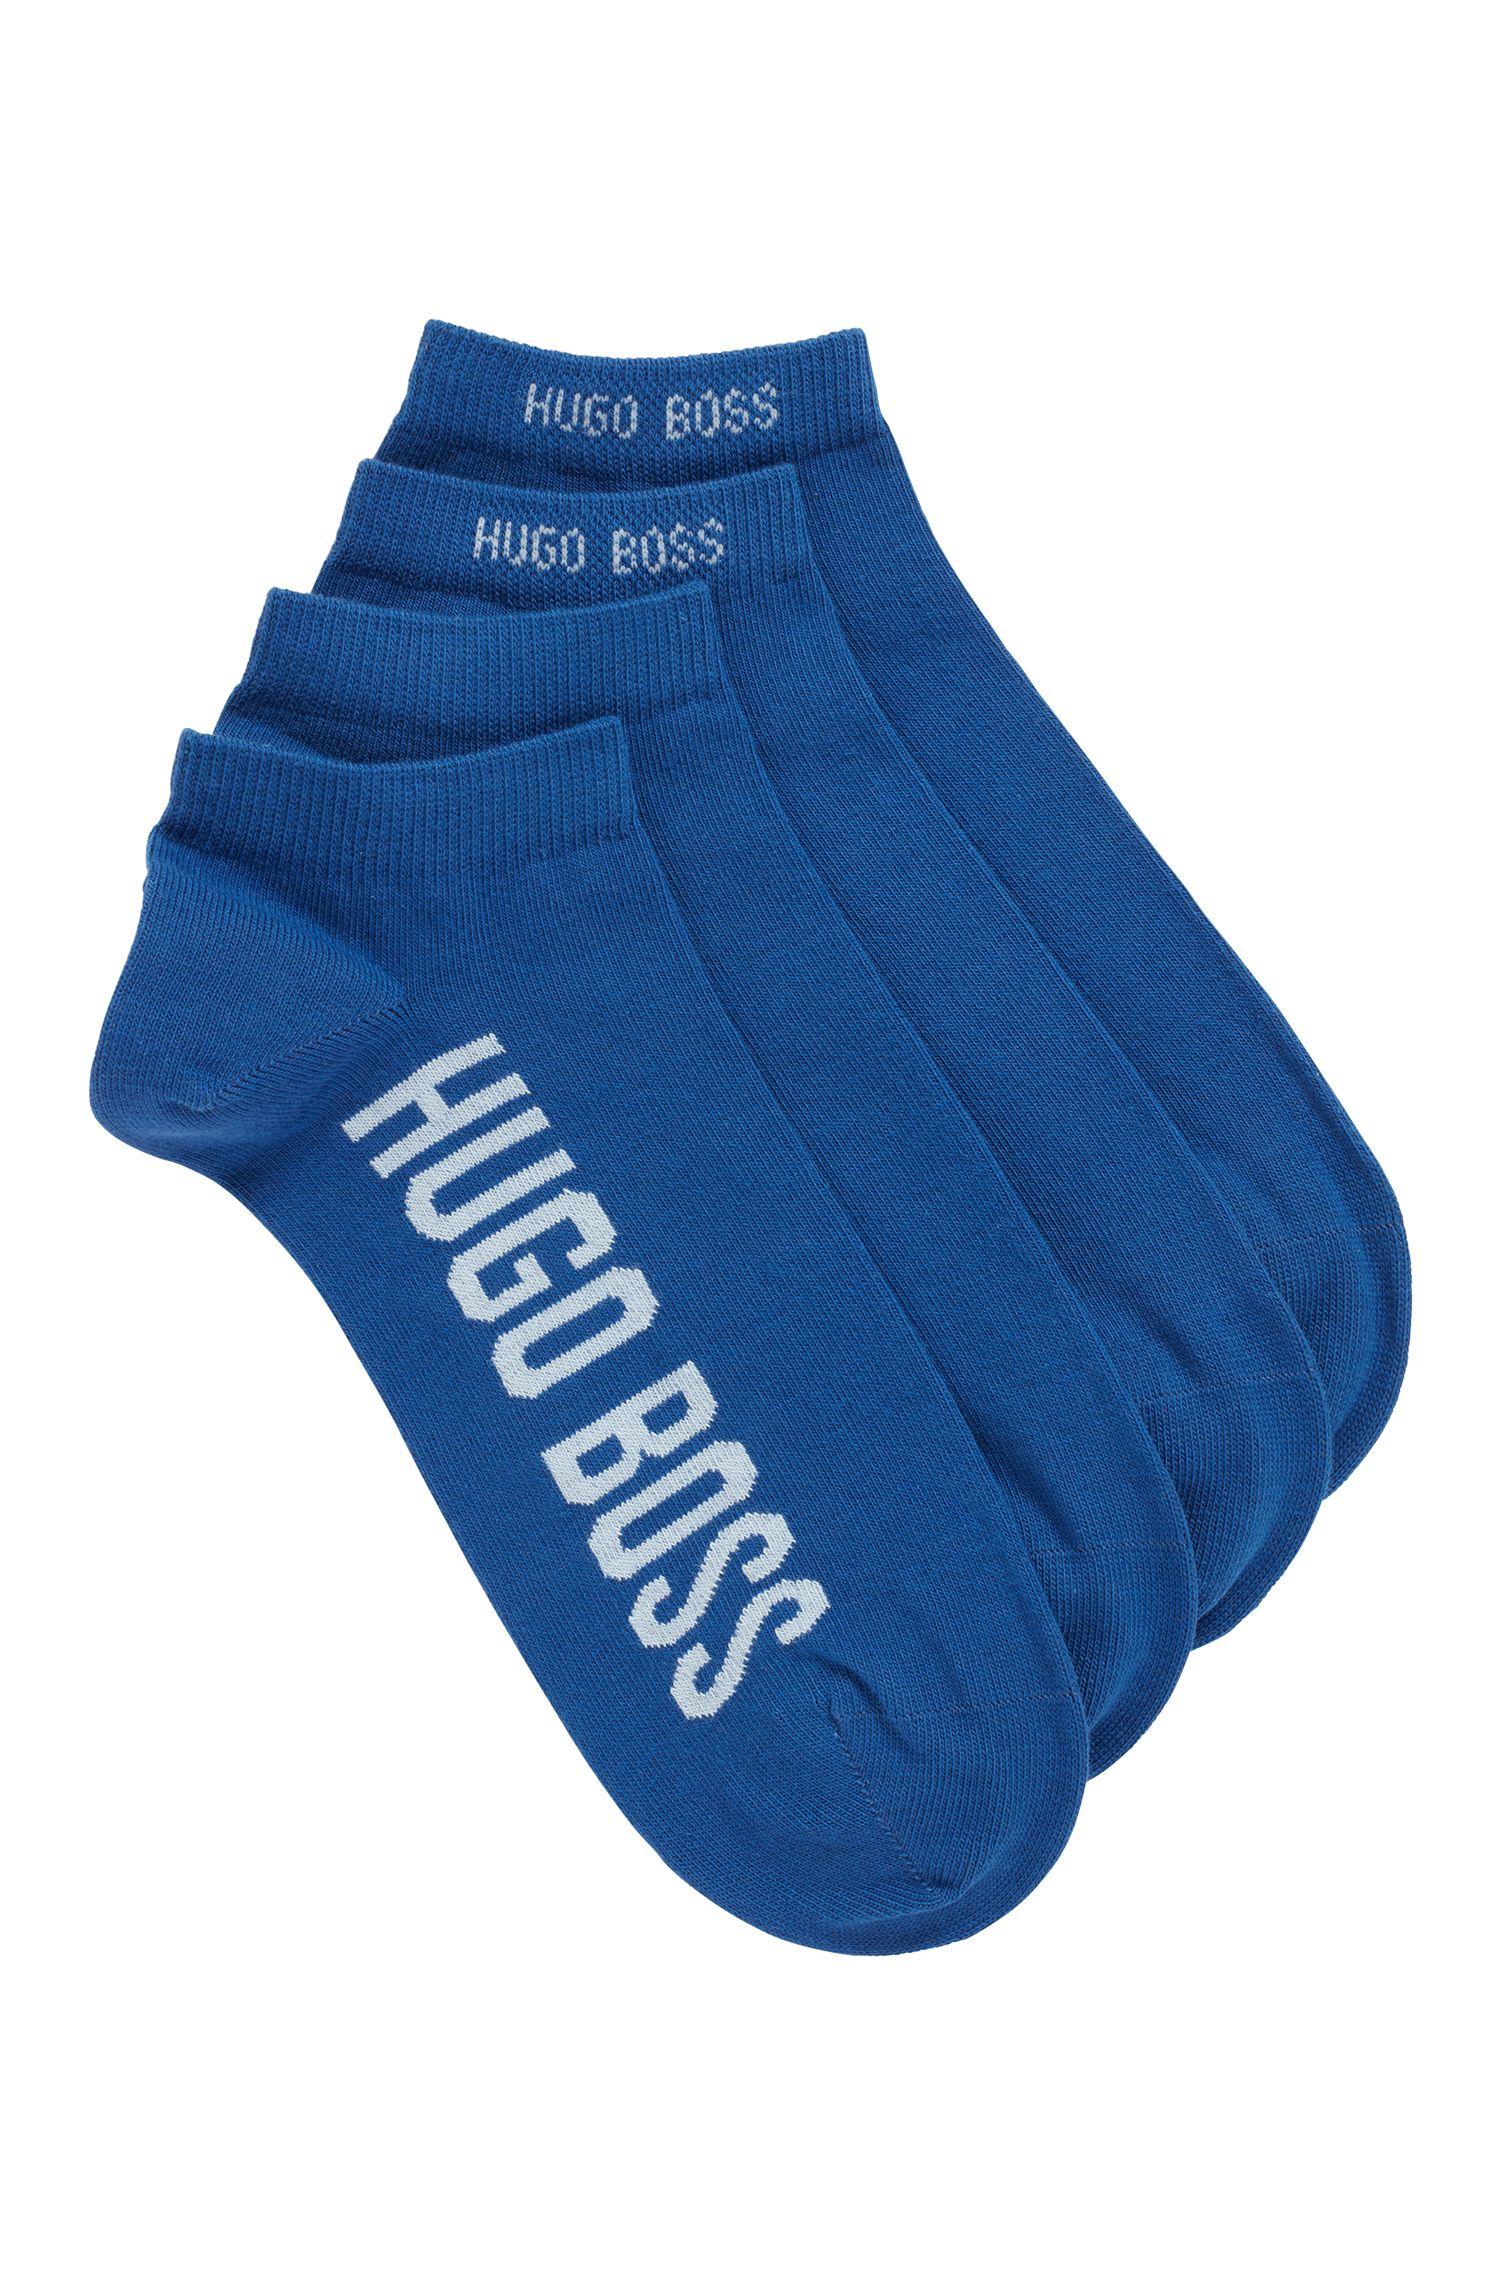 Zweier-Pack Sneakers-Socken aus elastischem Baumwoll-Mix mit Logo, Blau